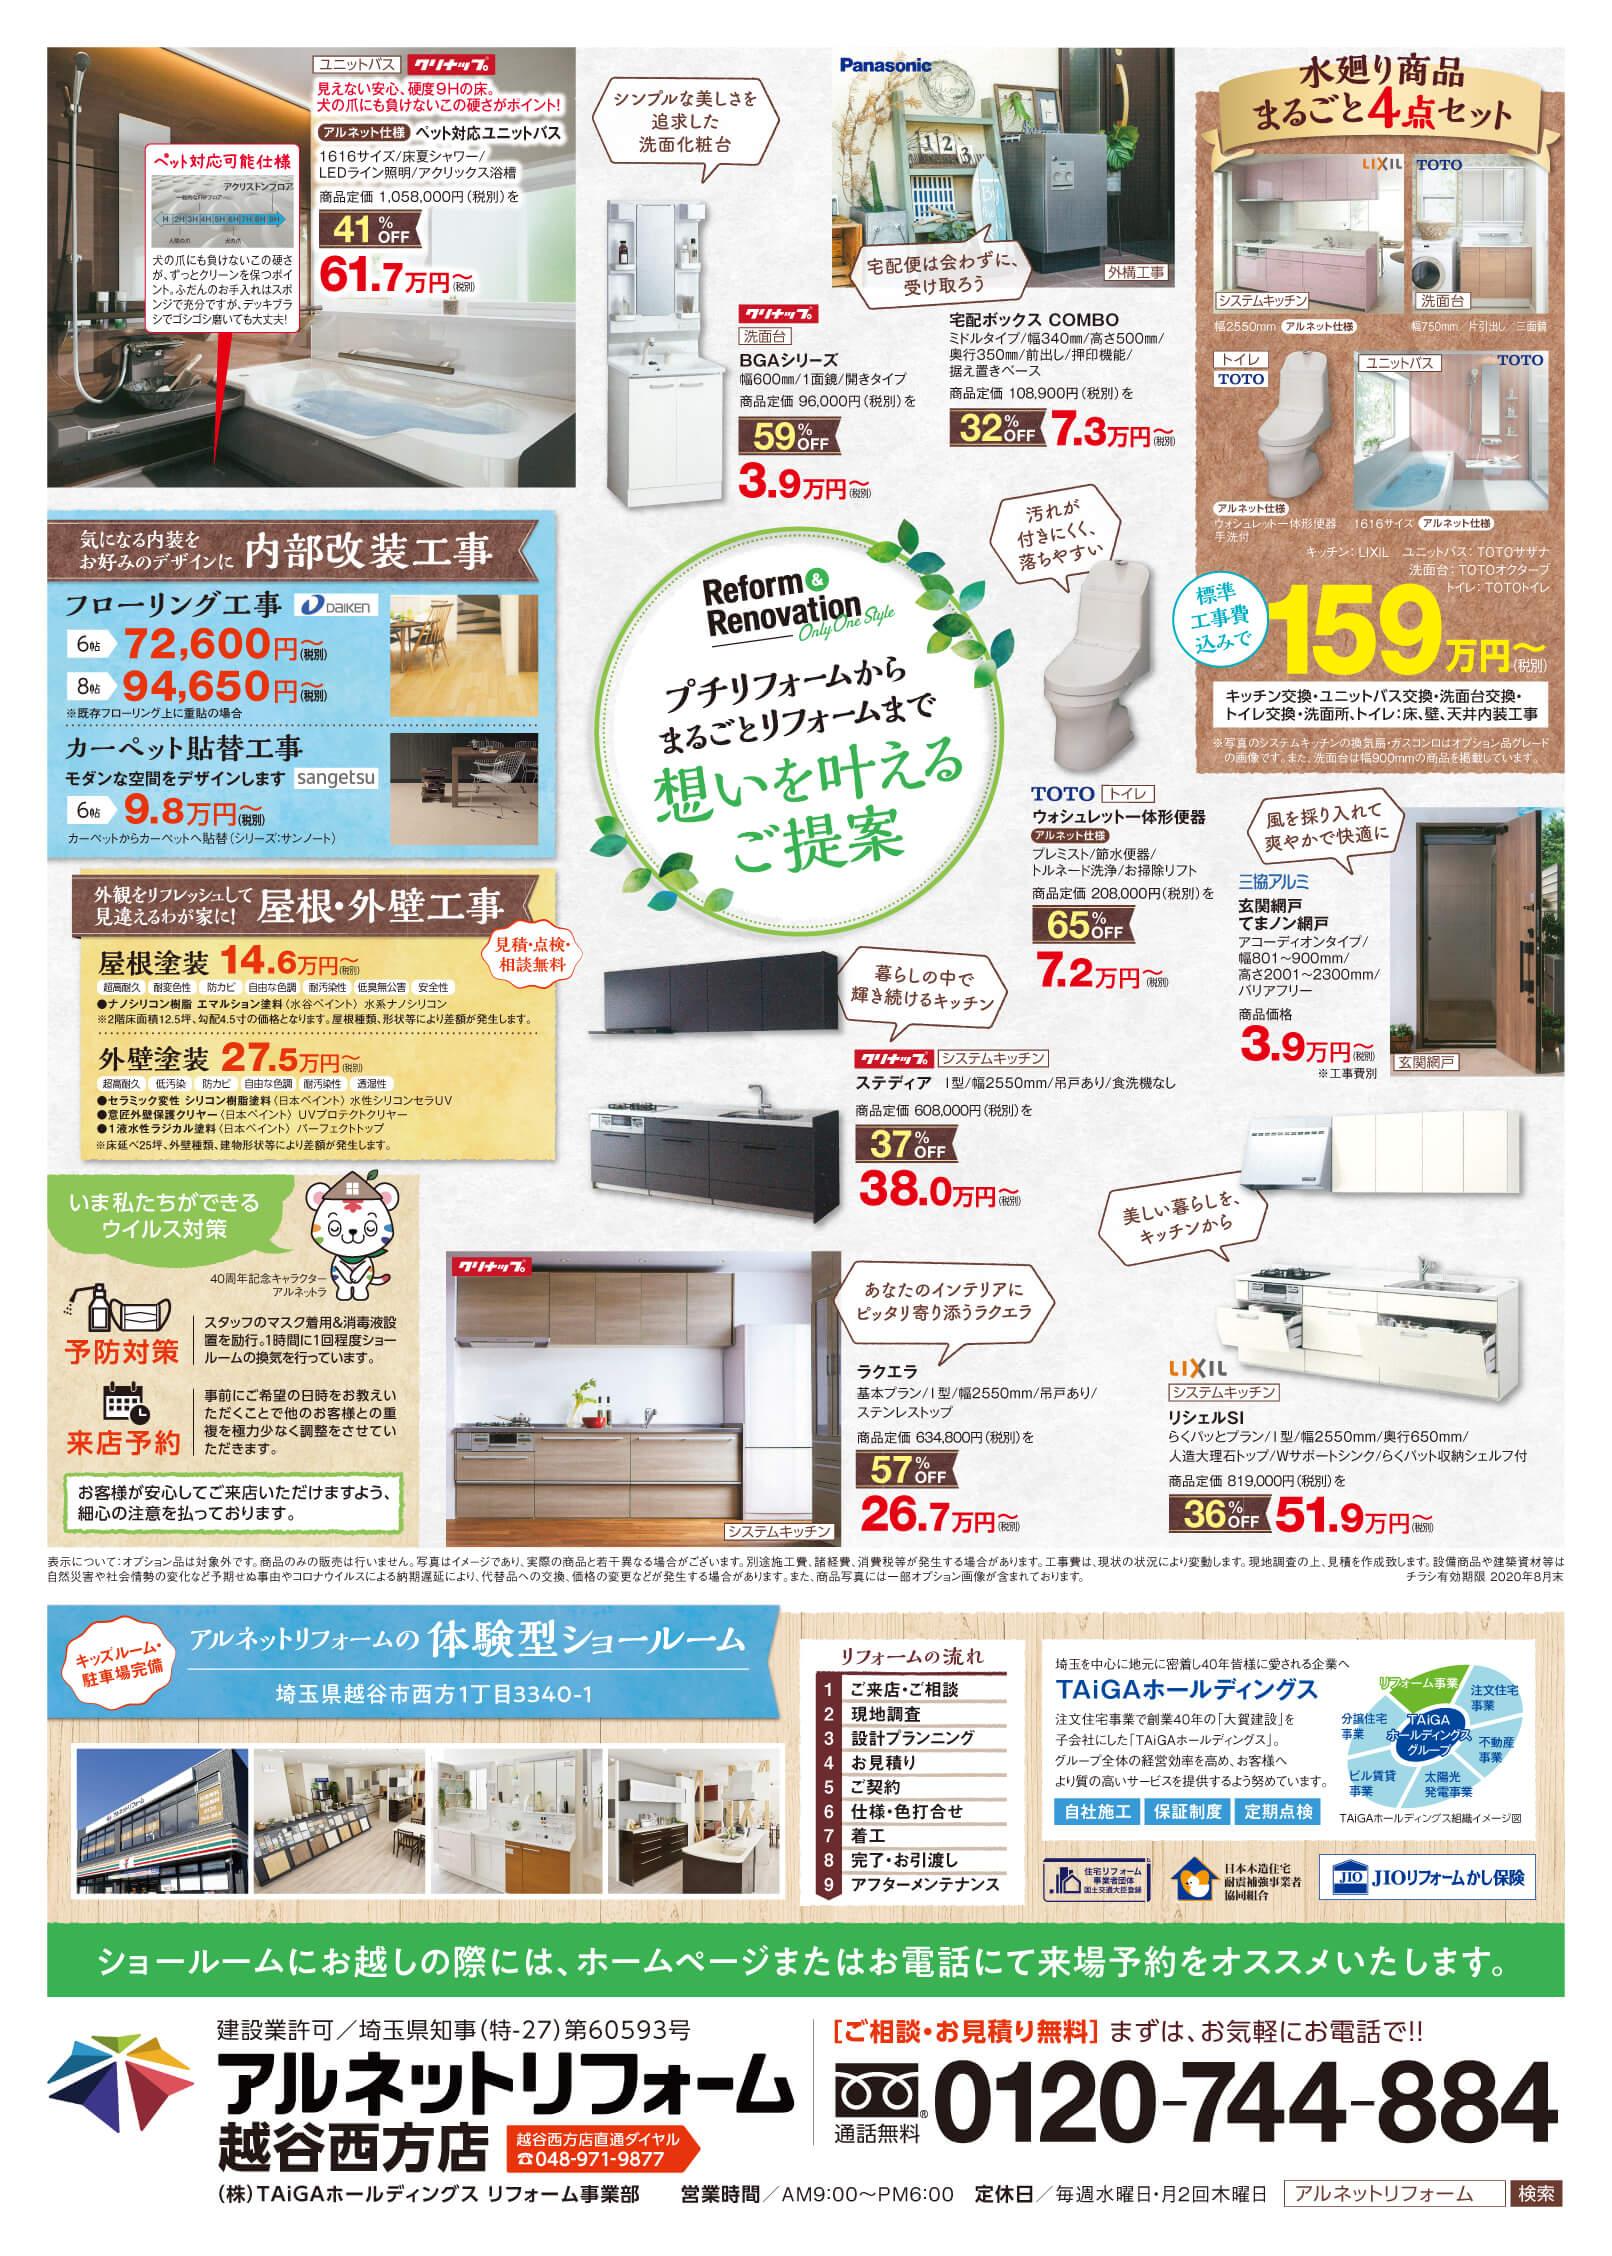 【越谷西店】真夏(8月)の出張イベント!   inクリナップ越谷ショールーム